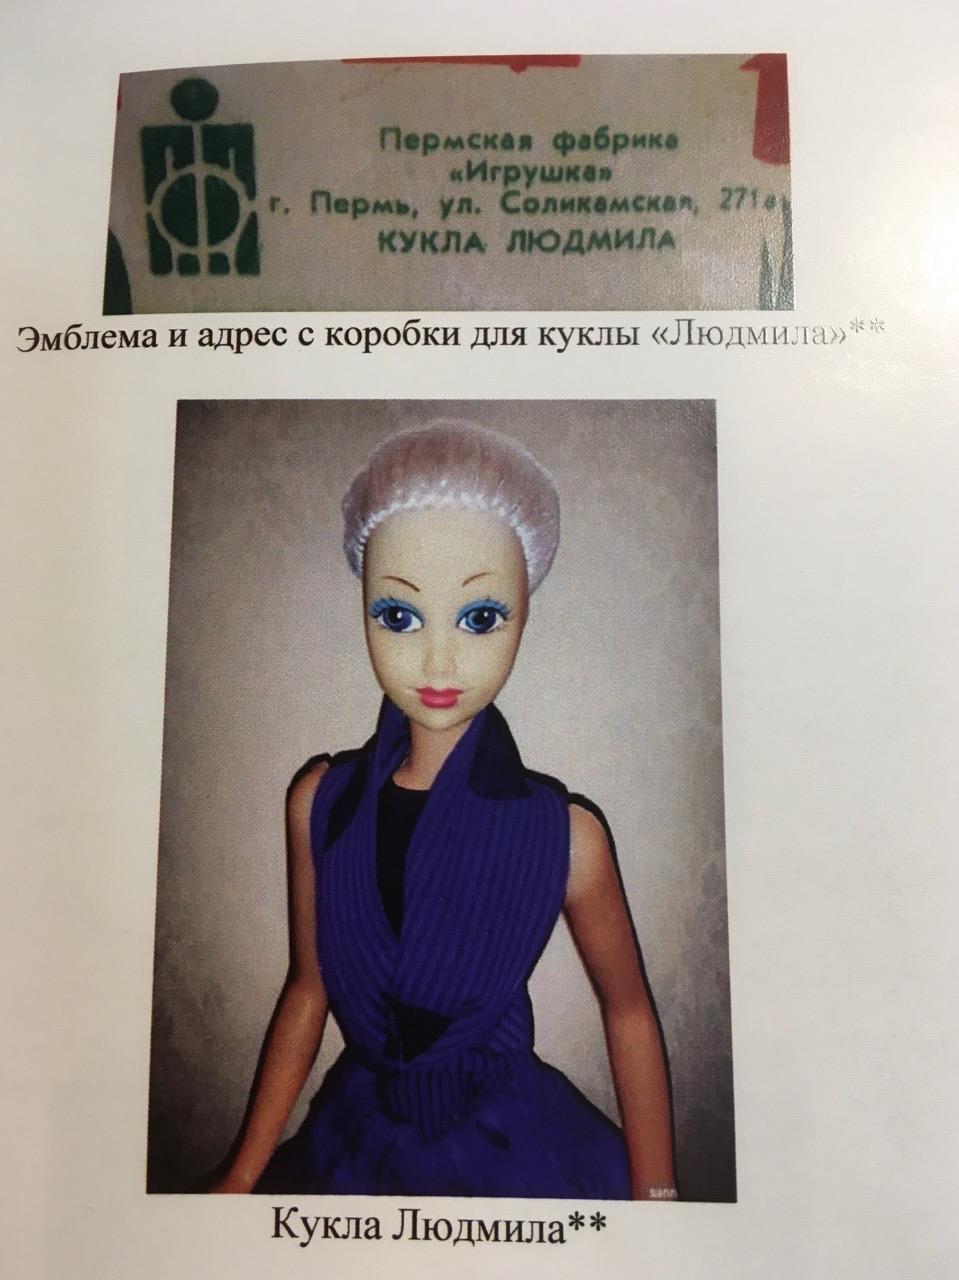 Фото пермской куклы из книги коллекционера Анатолия Сивака. Здесь изображен увеличенный, 40-сантиметровый вариант игрушки